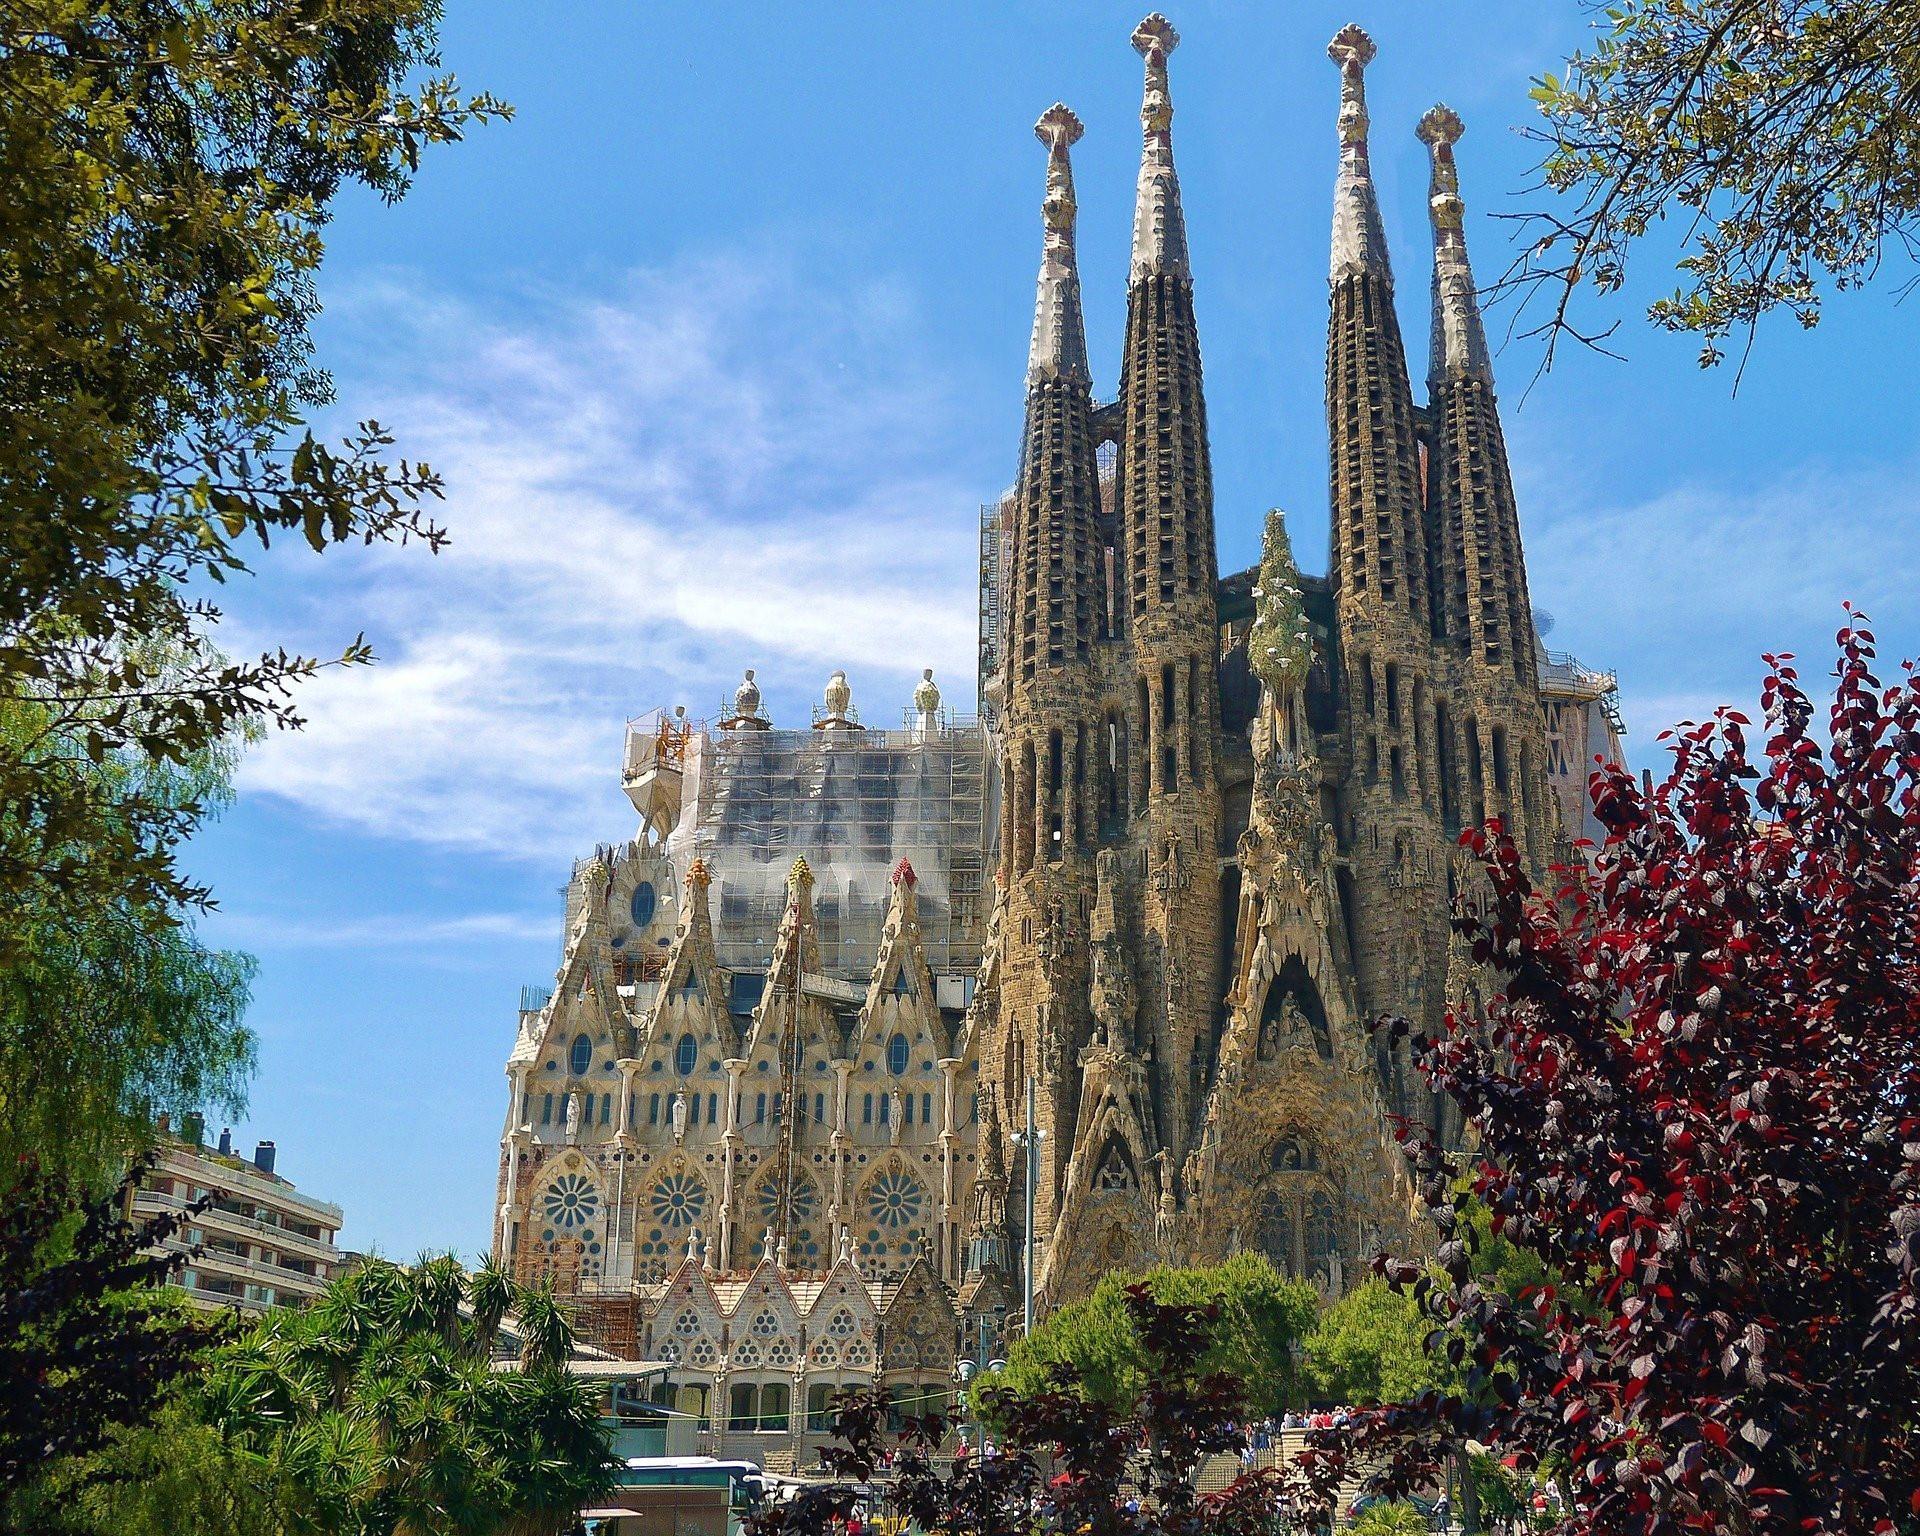 Oferta Hotel de 4 estrellas incl. desayuno en Barcelona